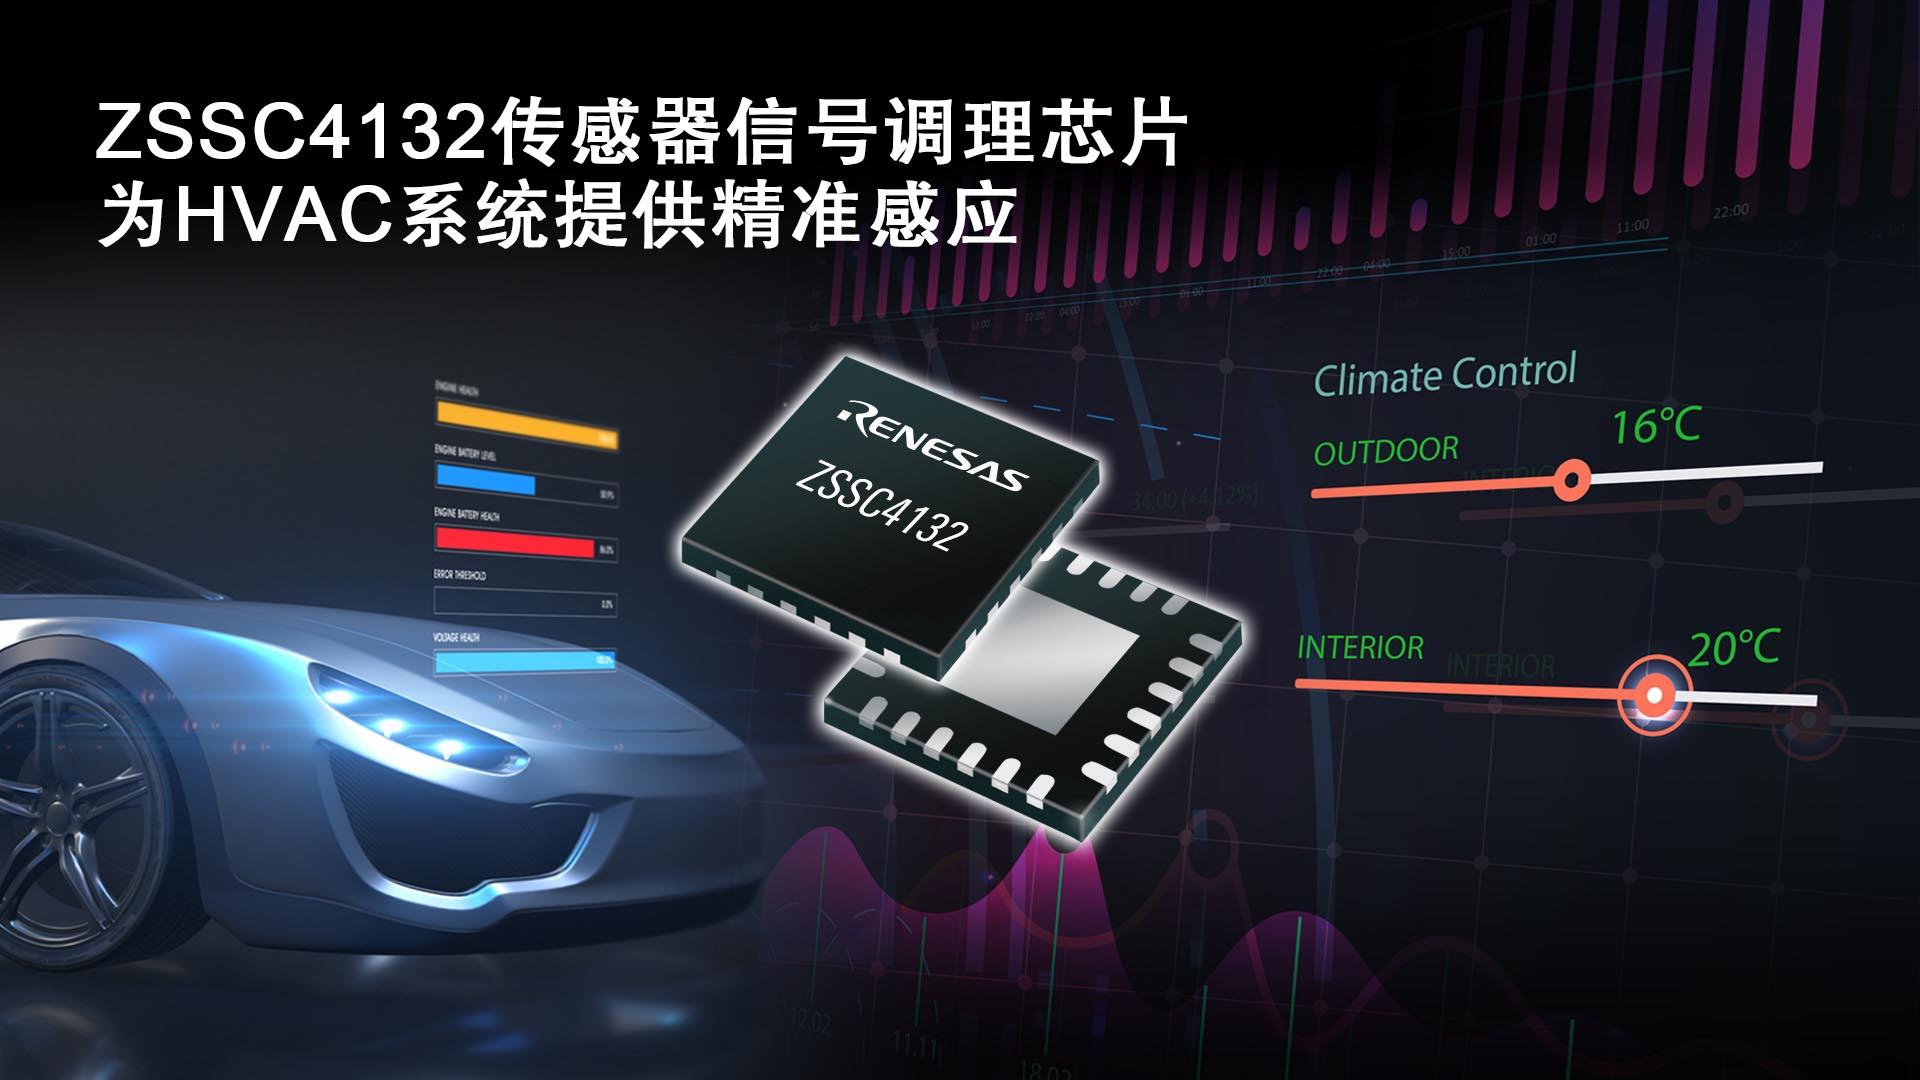 瑞萨电子推出集成LIN输出接口的传感器信号调理芯片 适用于电动/混动汽车HVAC系统